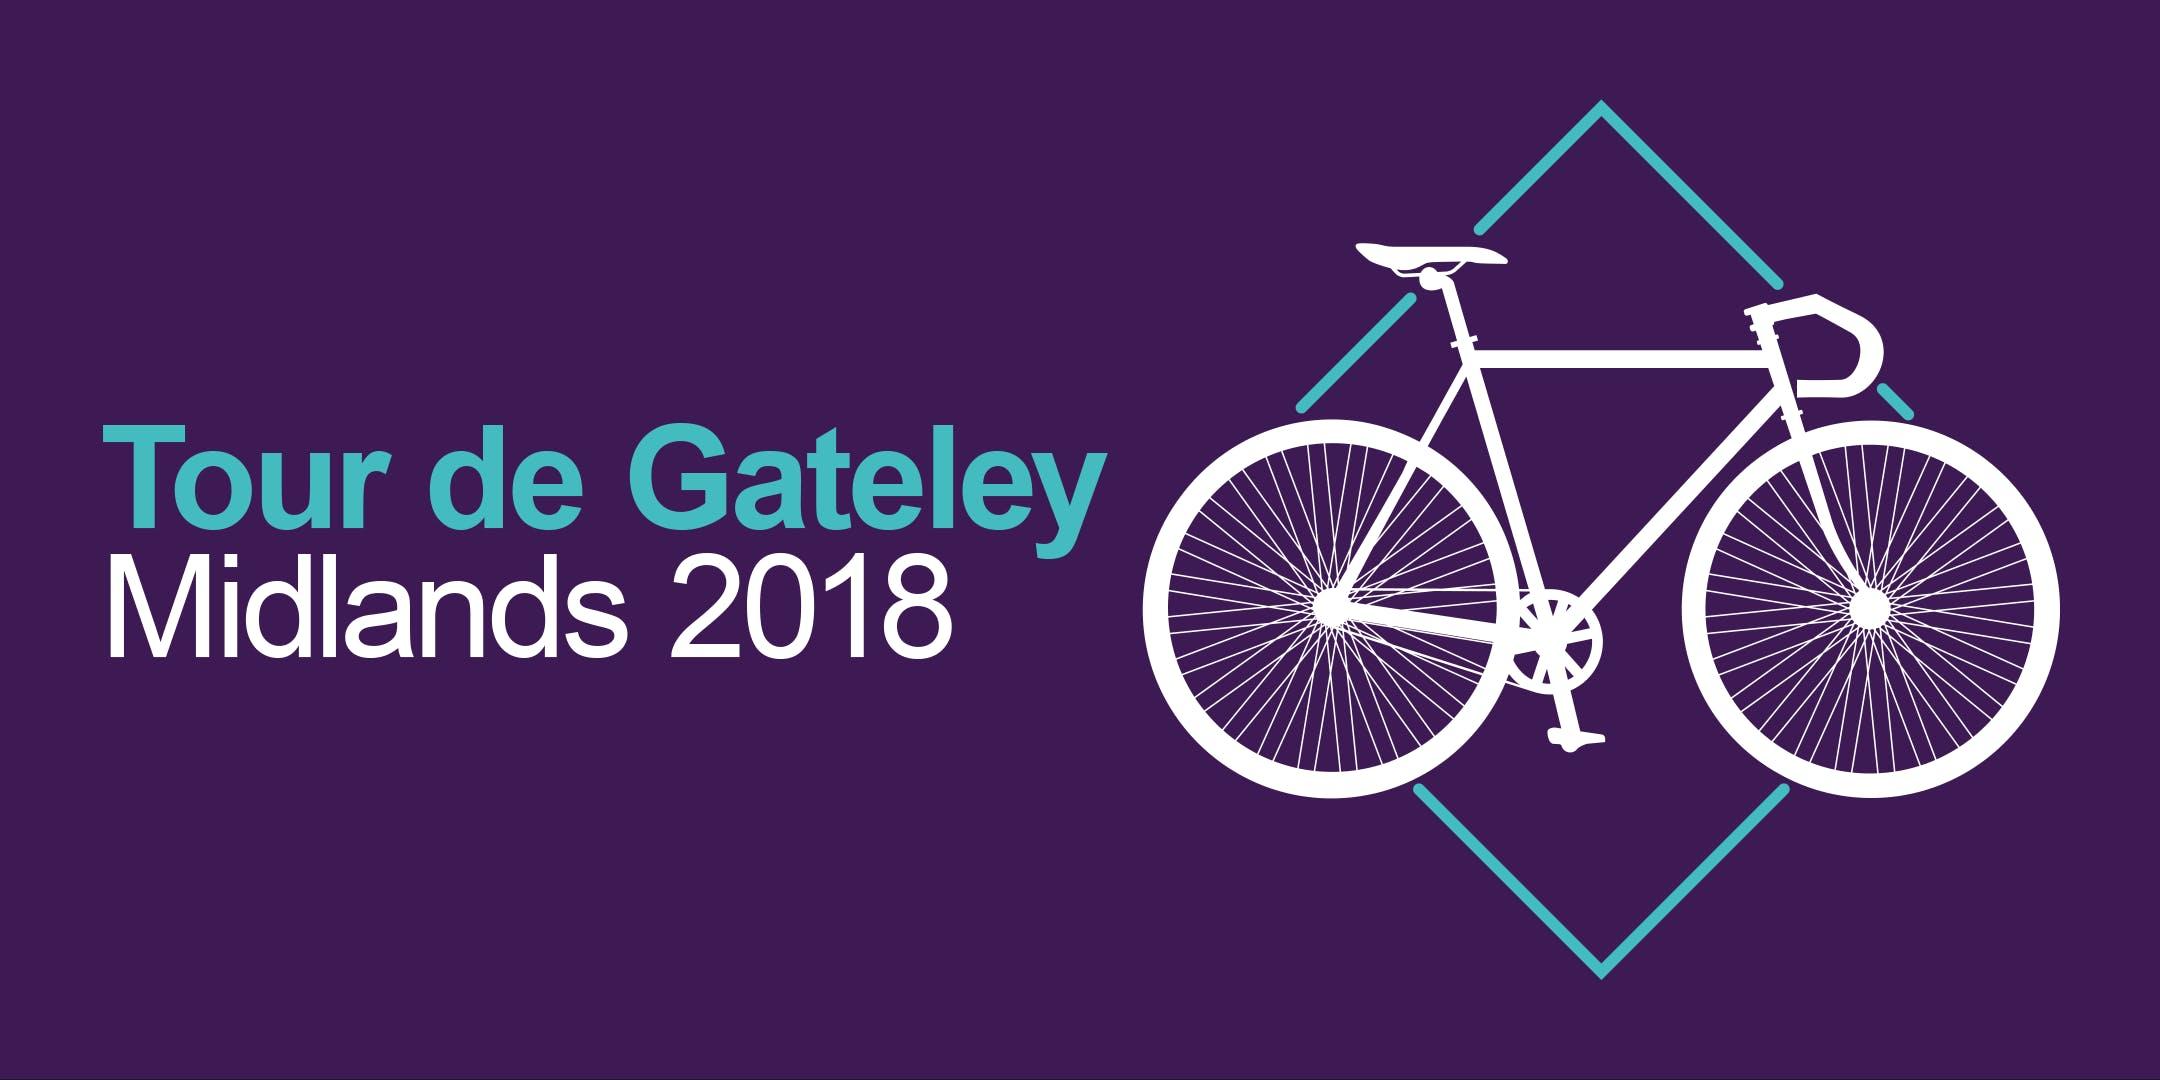 Tour de Gateley: Midlands 2018